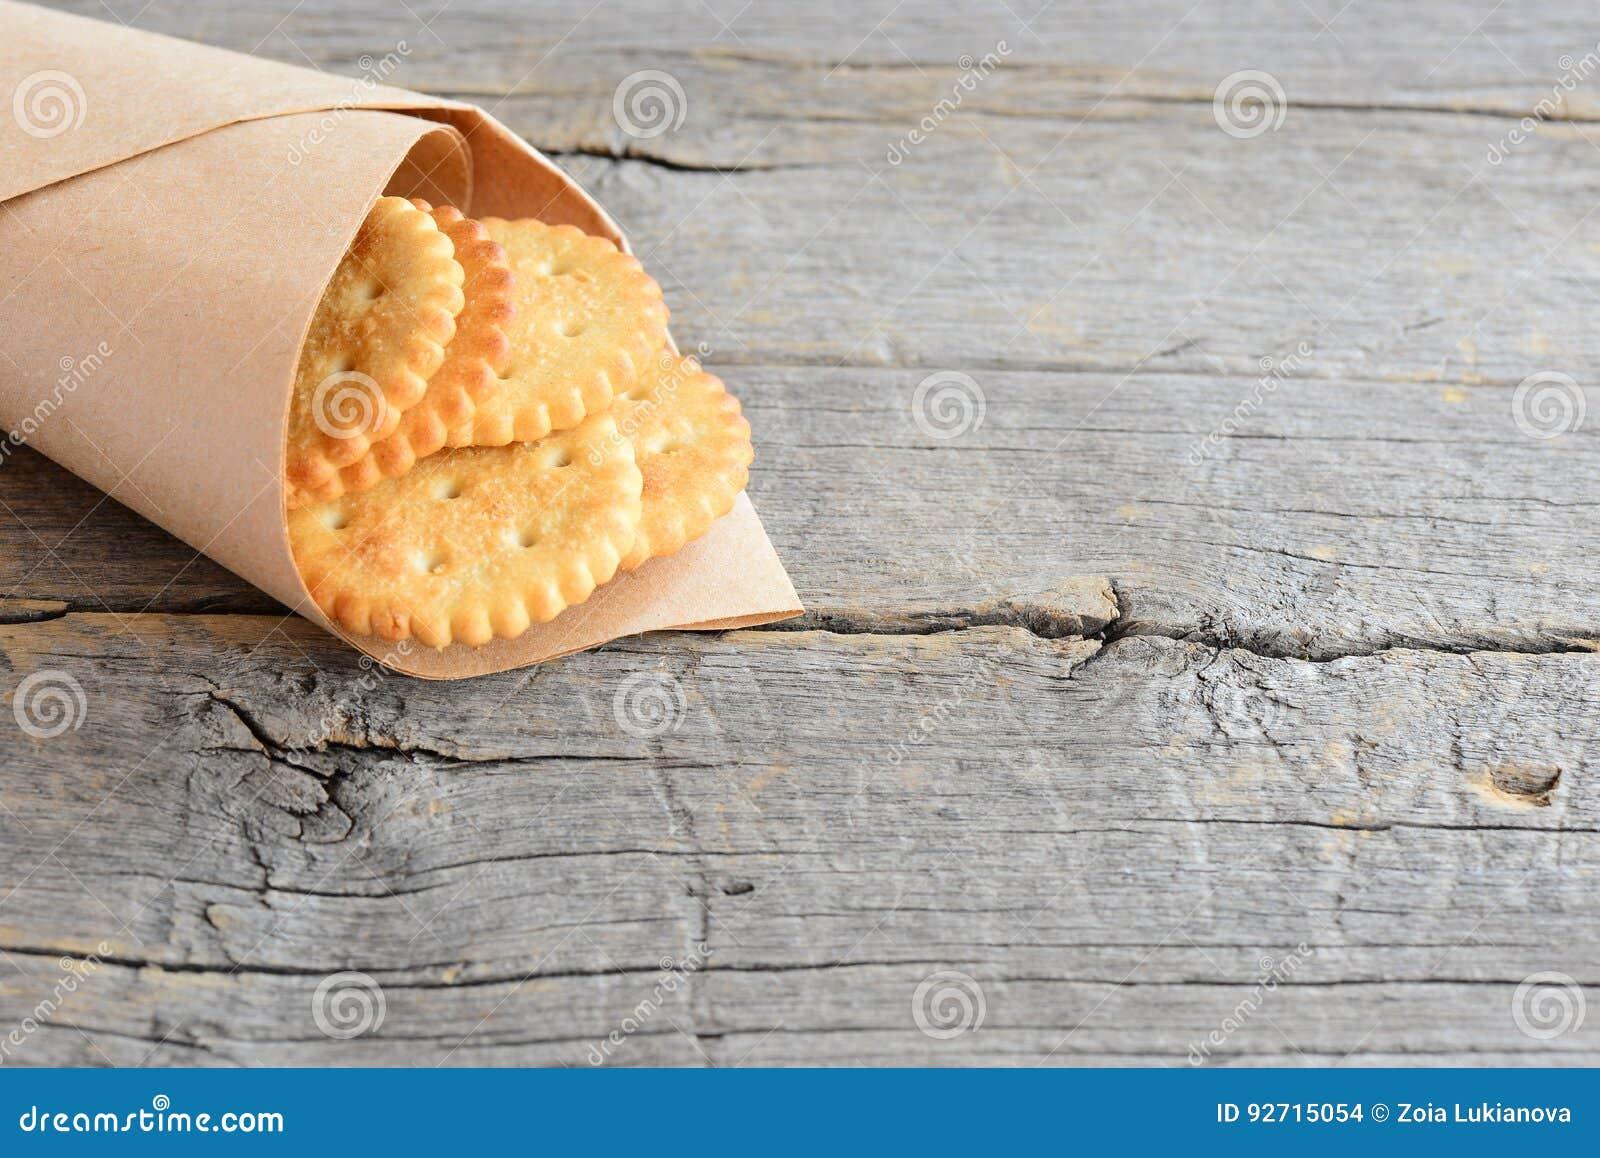 Droog zoute crackers in een verpakkend document op een uitstekende